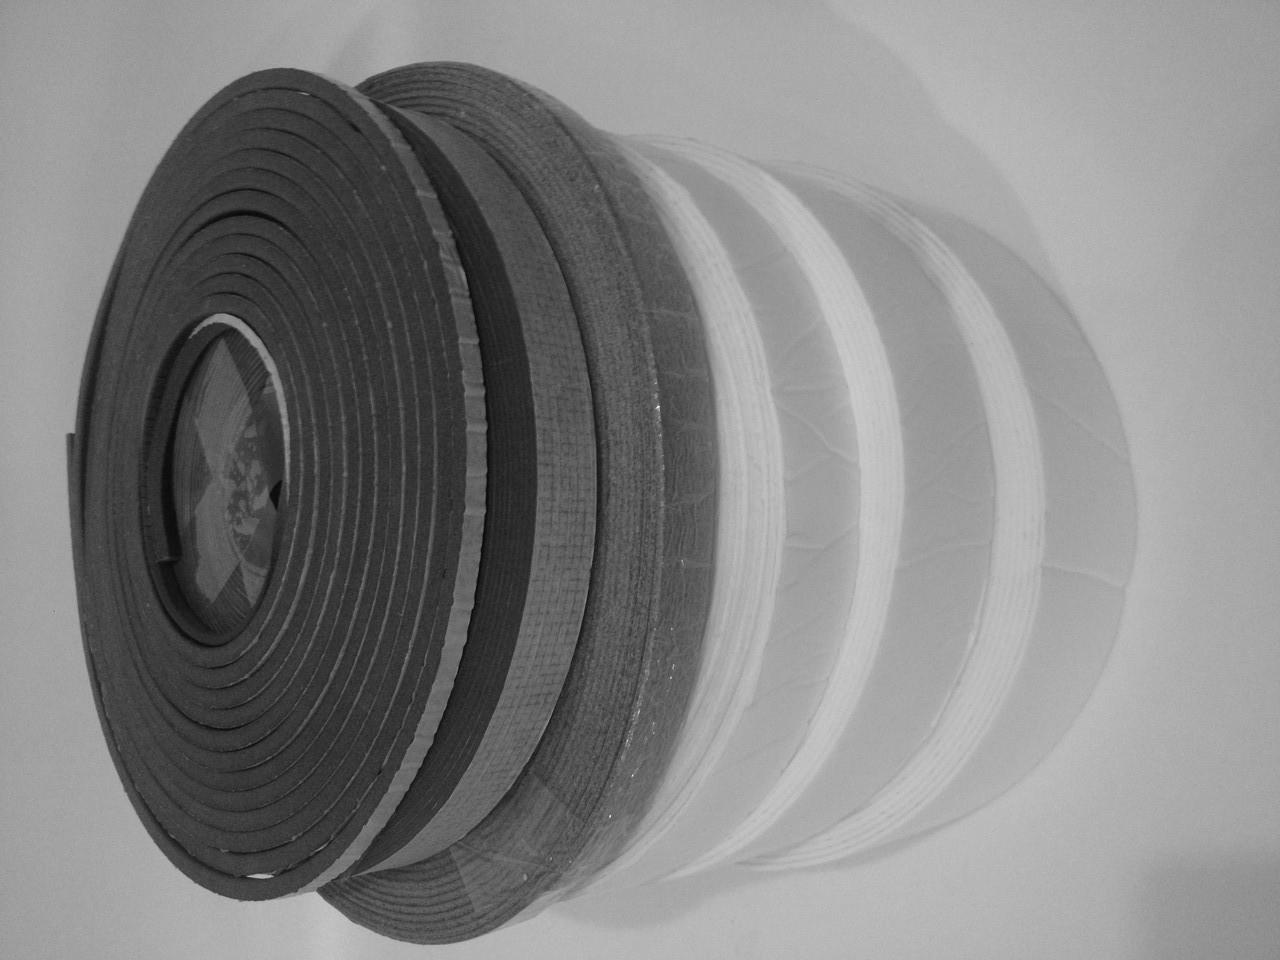 Звукоизоляционная самоклеющаяся лента ППЭ (Дихтунг) толщина 3 мм (30 мм*30 м)